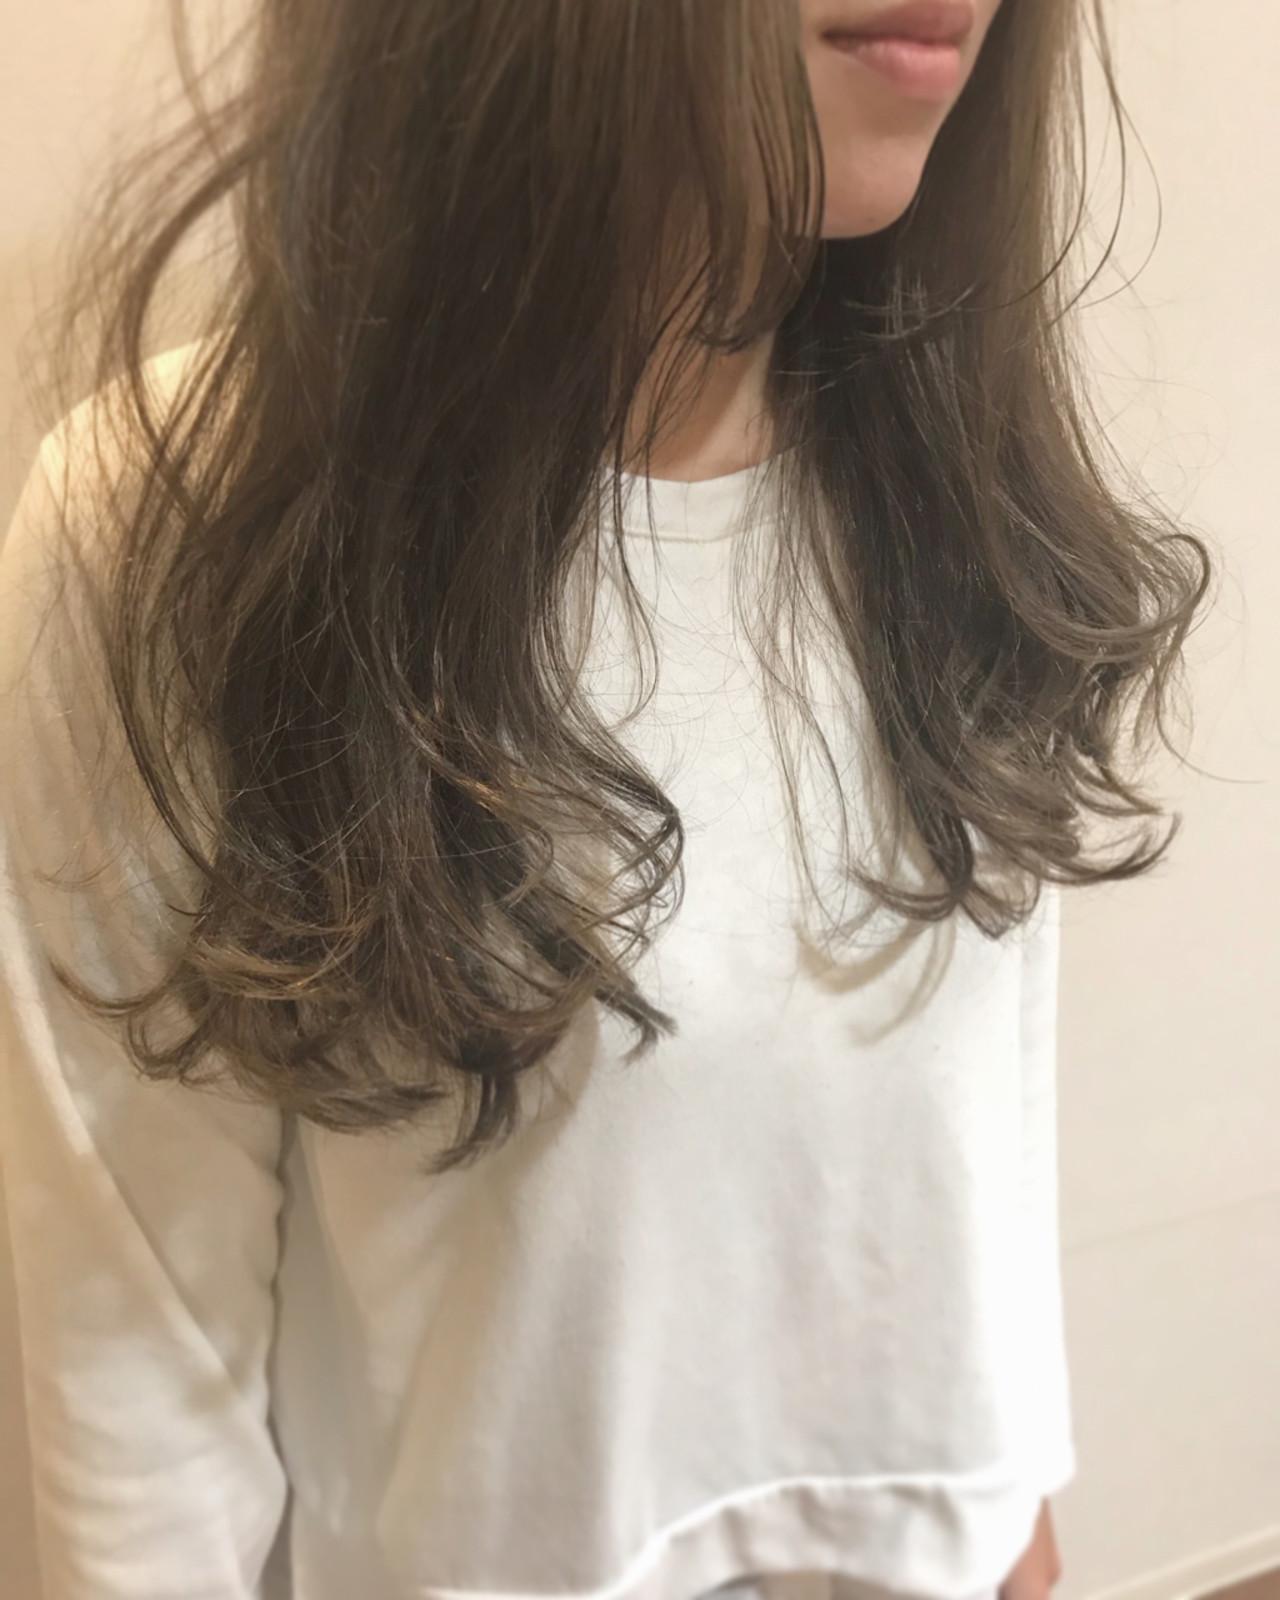 ロング オフィス ハイライト 冬 ヘアスタイルや髪型の写真・画像 | 深川裕介 / hitsuji